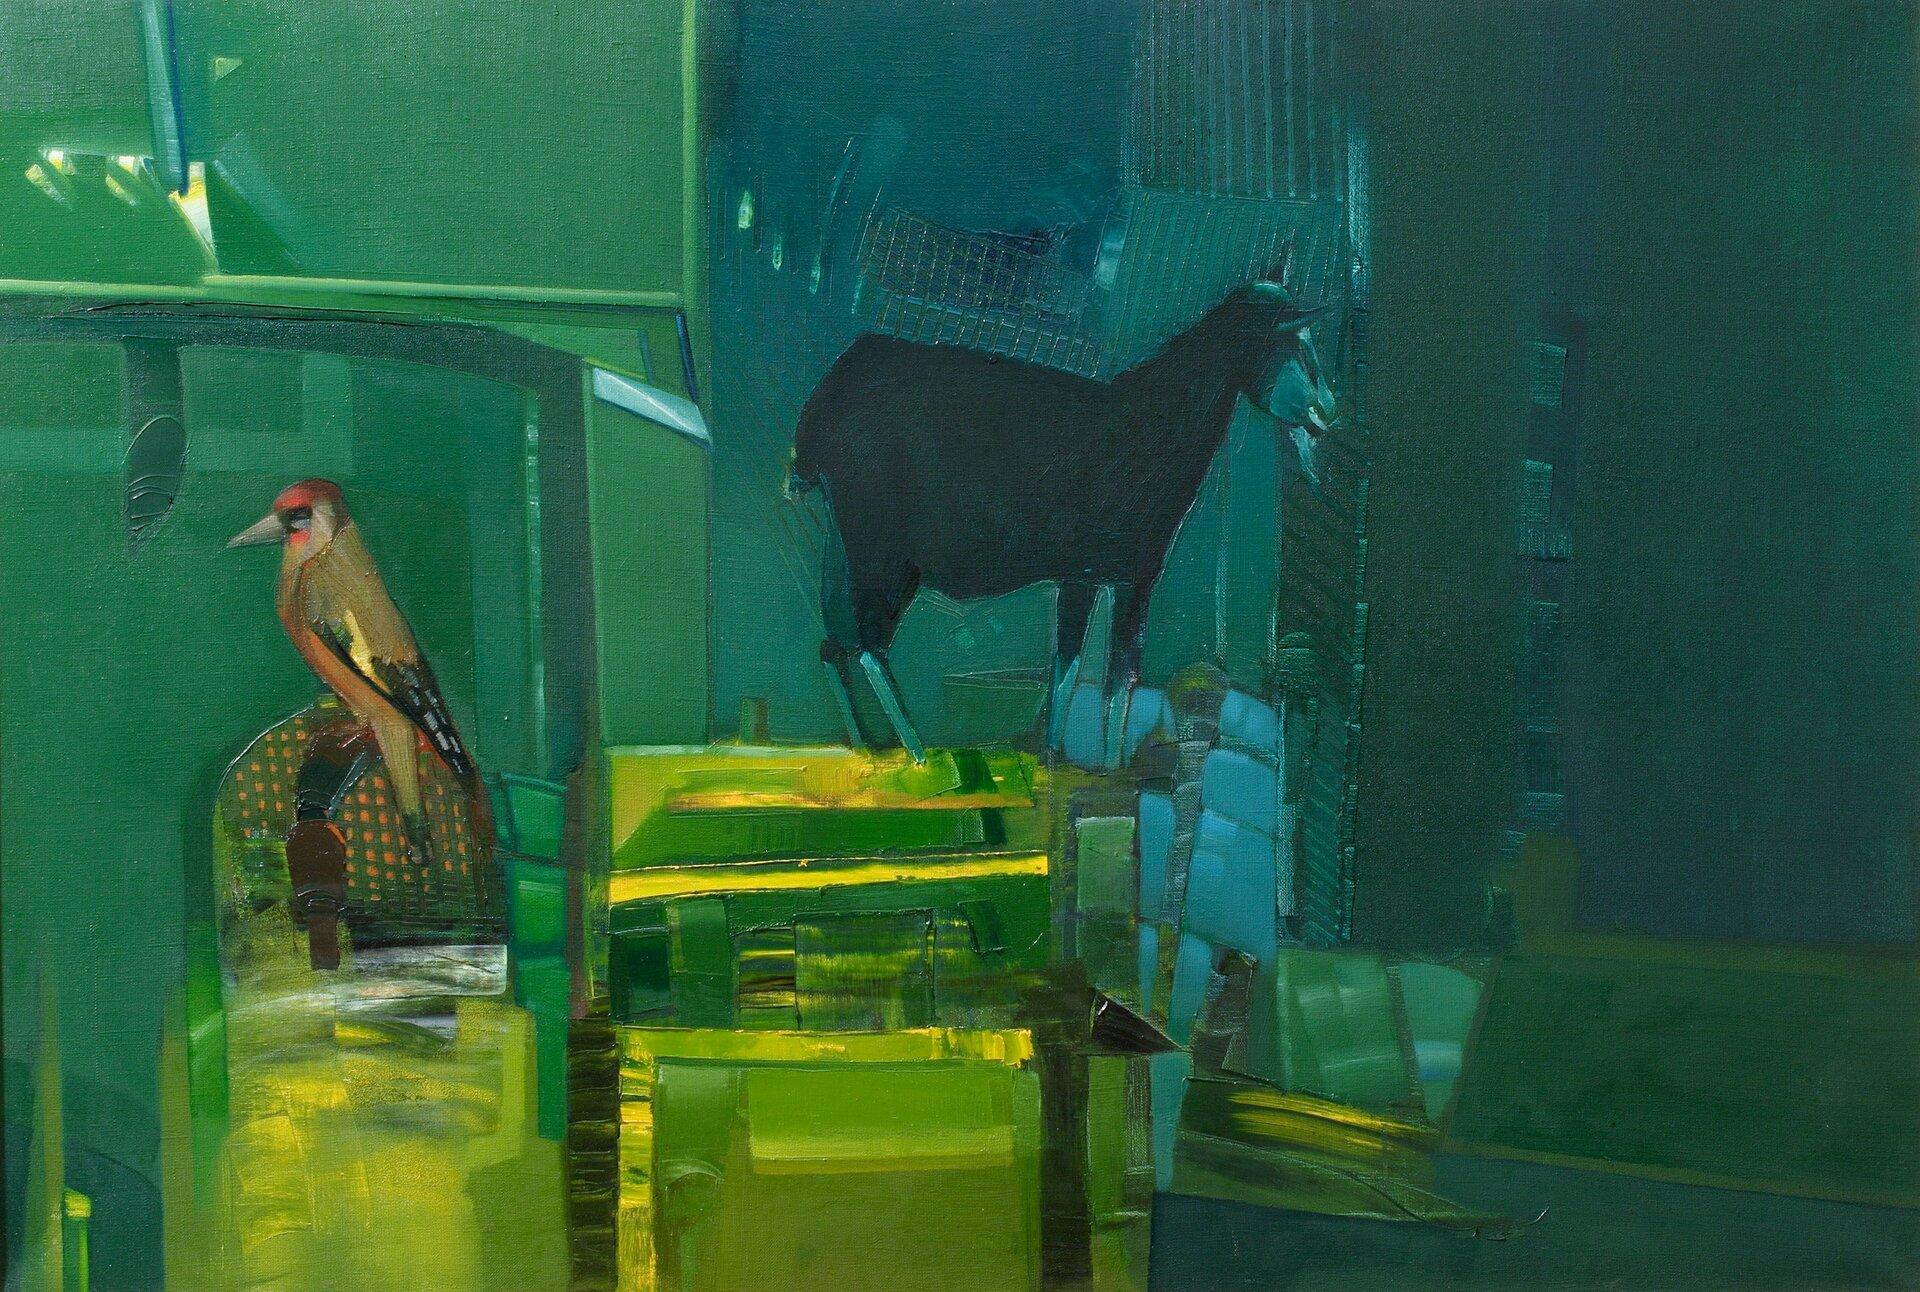 """Ilustracja przedstawia obraz olejny """"Rozstanie"""" autorstwa Piotra Klugowskiego. Dzieło ukazuje kompozycję na pograniczu abstrakcji ifiguracji. Wcentrum znajduje się kolorowy dzięcioł iciemna sylwetka kozy. Odwrócone do siebie tyłem postacie zwierząt namalowane są syntetycznie. Umieszczone są na oddzielnych podestach, składających się zmalowanych impasto, różnej wielkości, zielono-żółtych brył. Tło podzielone jest na dwie płaszczyzny. Dzięcioł znajduje się na tle mniejszego, zielonego prostokąta natomiast koza na tle większego niebiesko-zielonego. Obraz cechuje się dużym, niemal kubistycznym uproszczeniem form. Dla artysty nie jest ważny detal. Przy pomocy prostych środków wyrazu stara się oddać charakter przedstawionych przedmiotów. Praca wykonana została wwąskiej, niebiesko-zielonej gamie barw zakcentami żółci."""